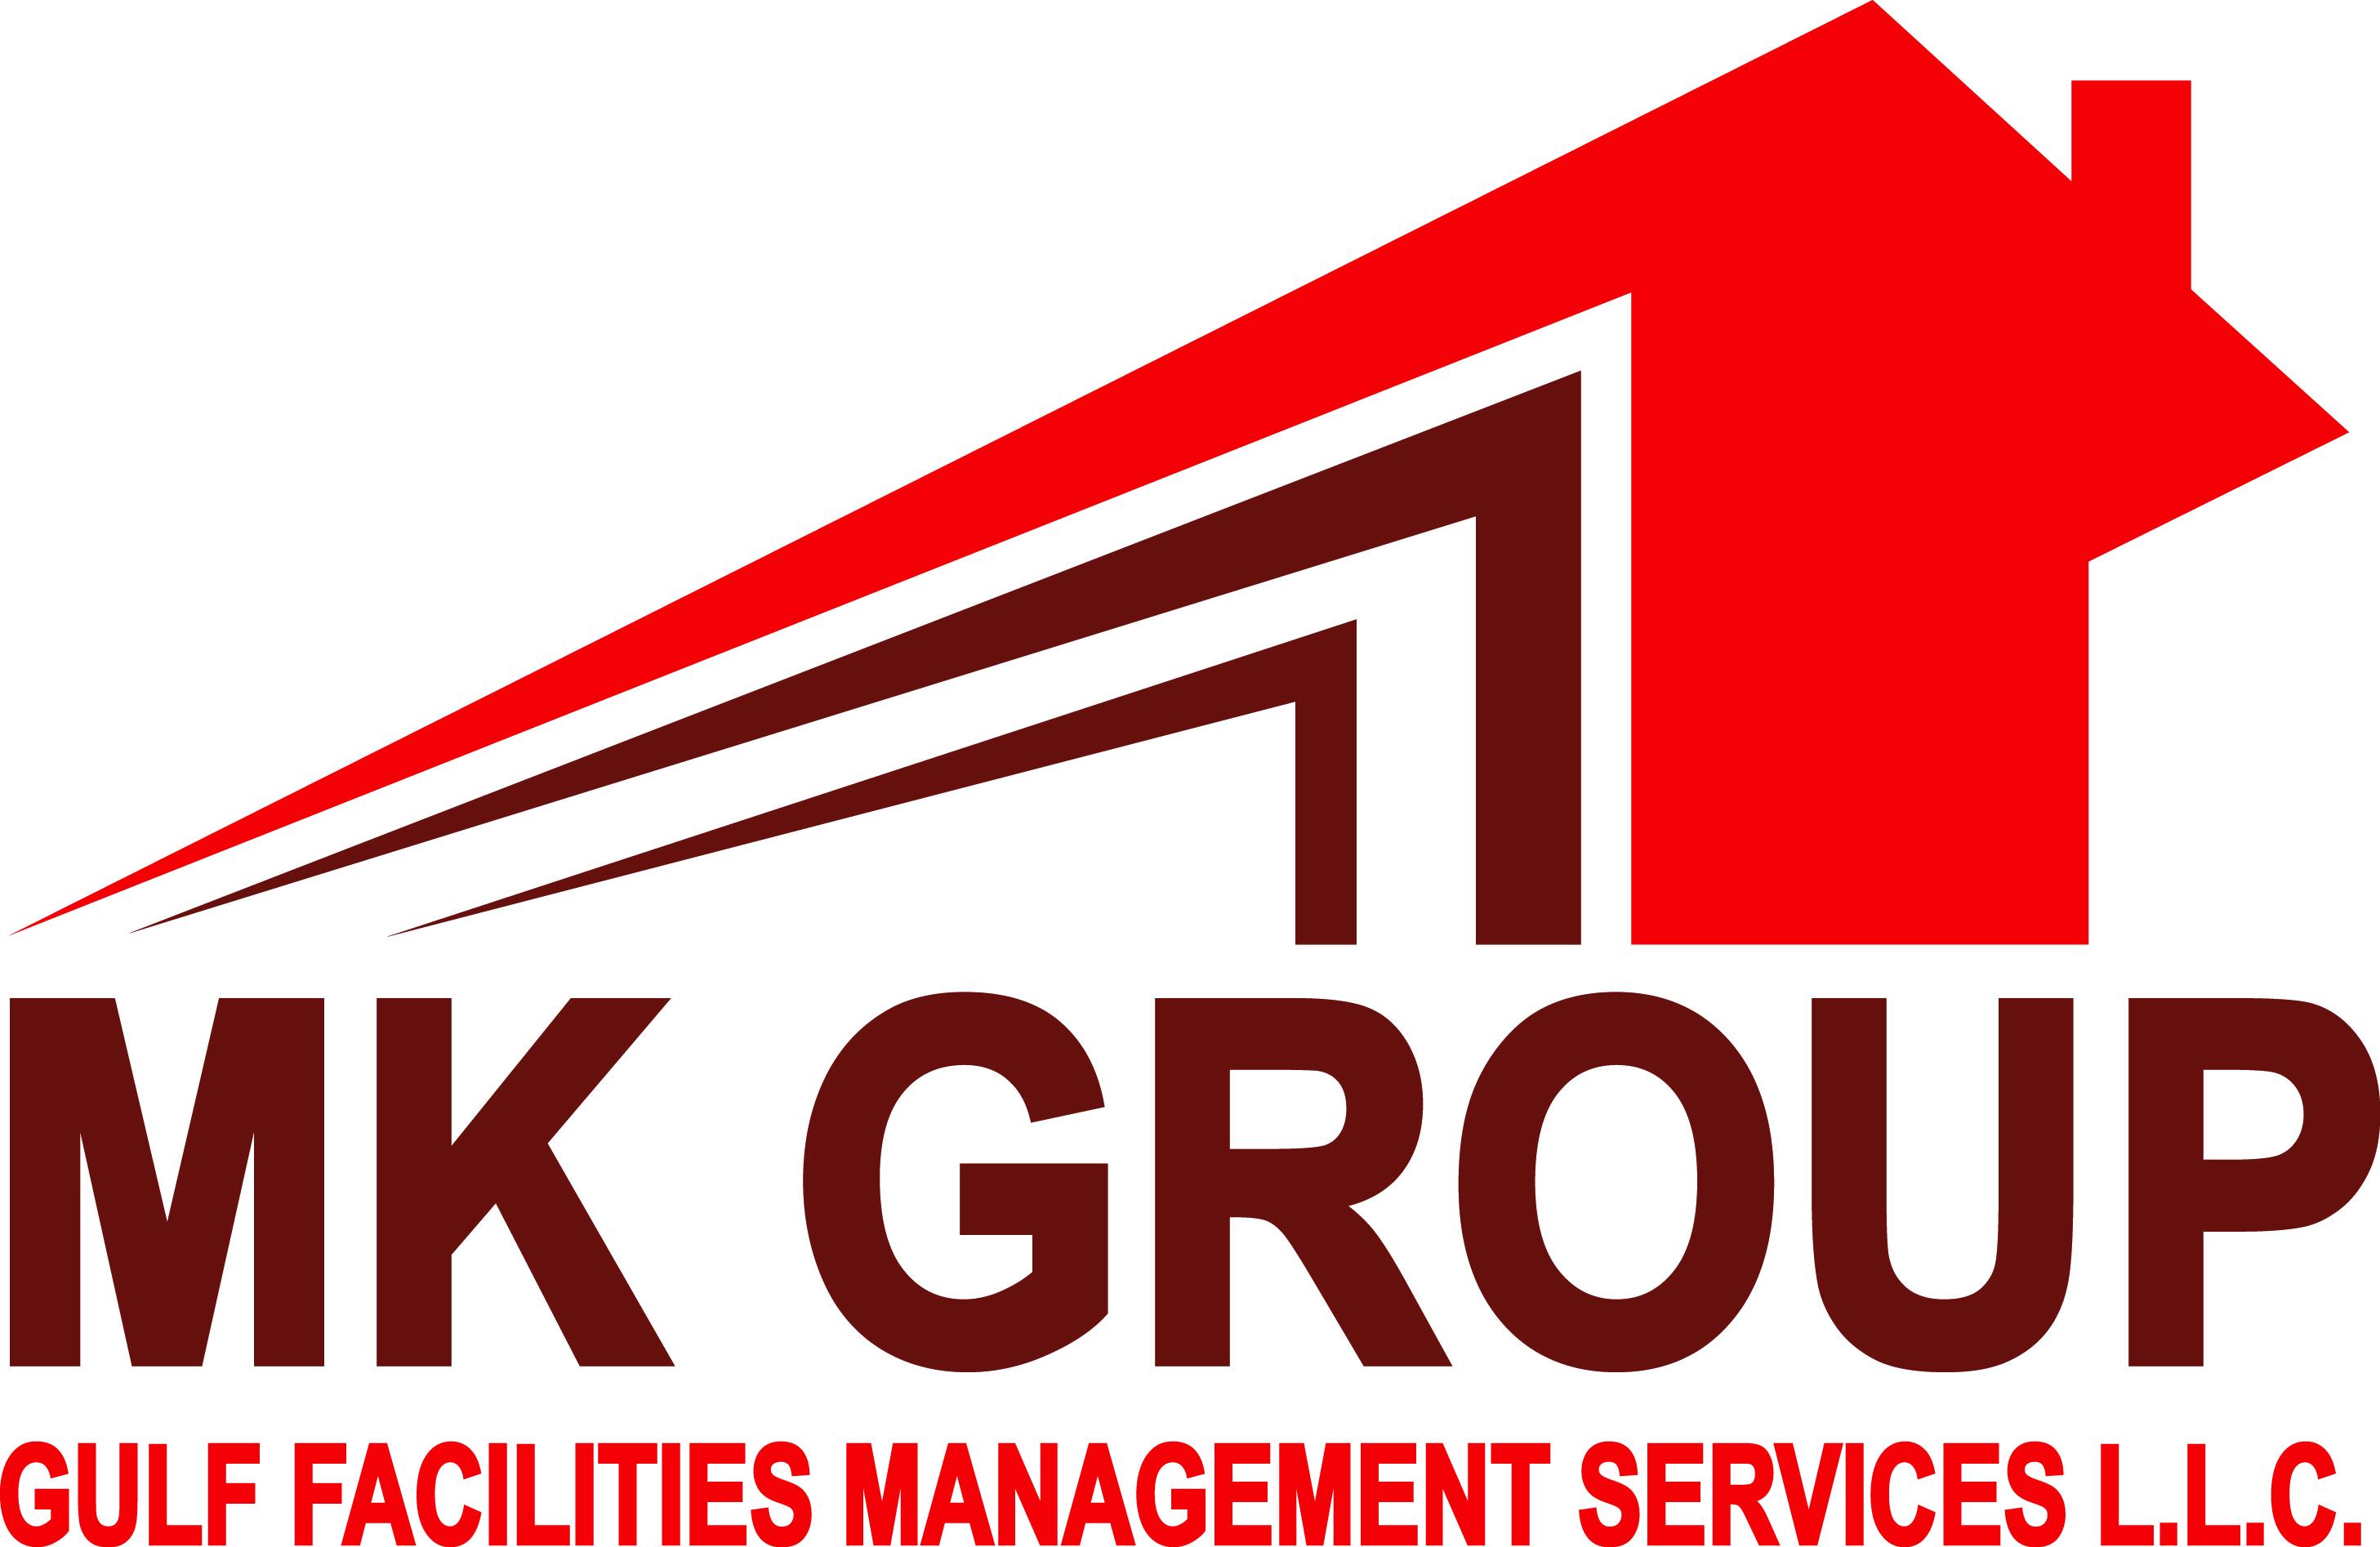 Dubai Construction Company Job Vacancies – Fondos de Pantalla